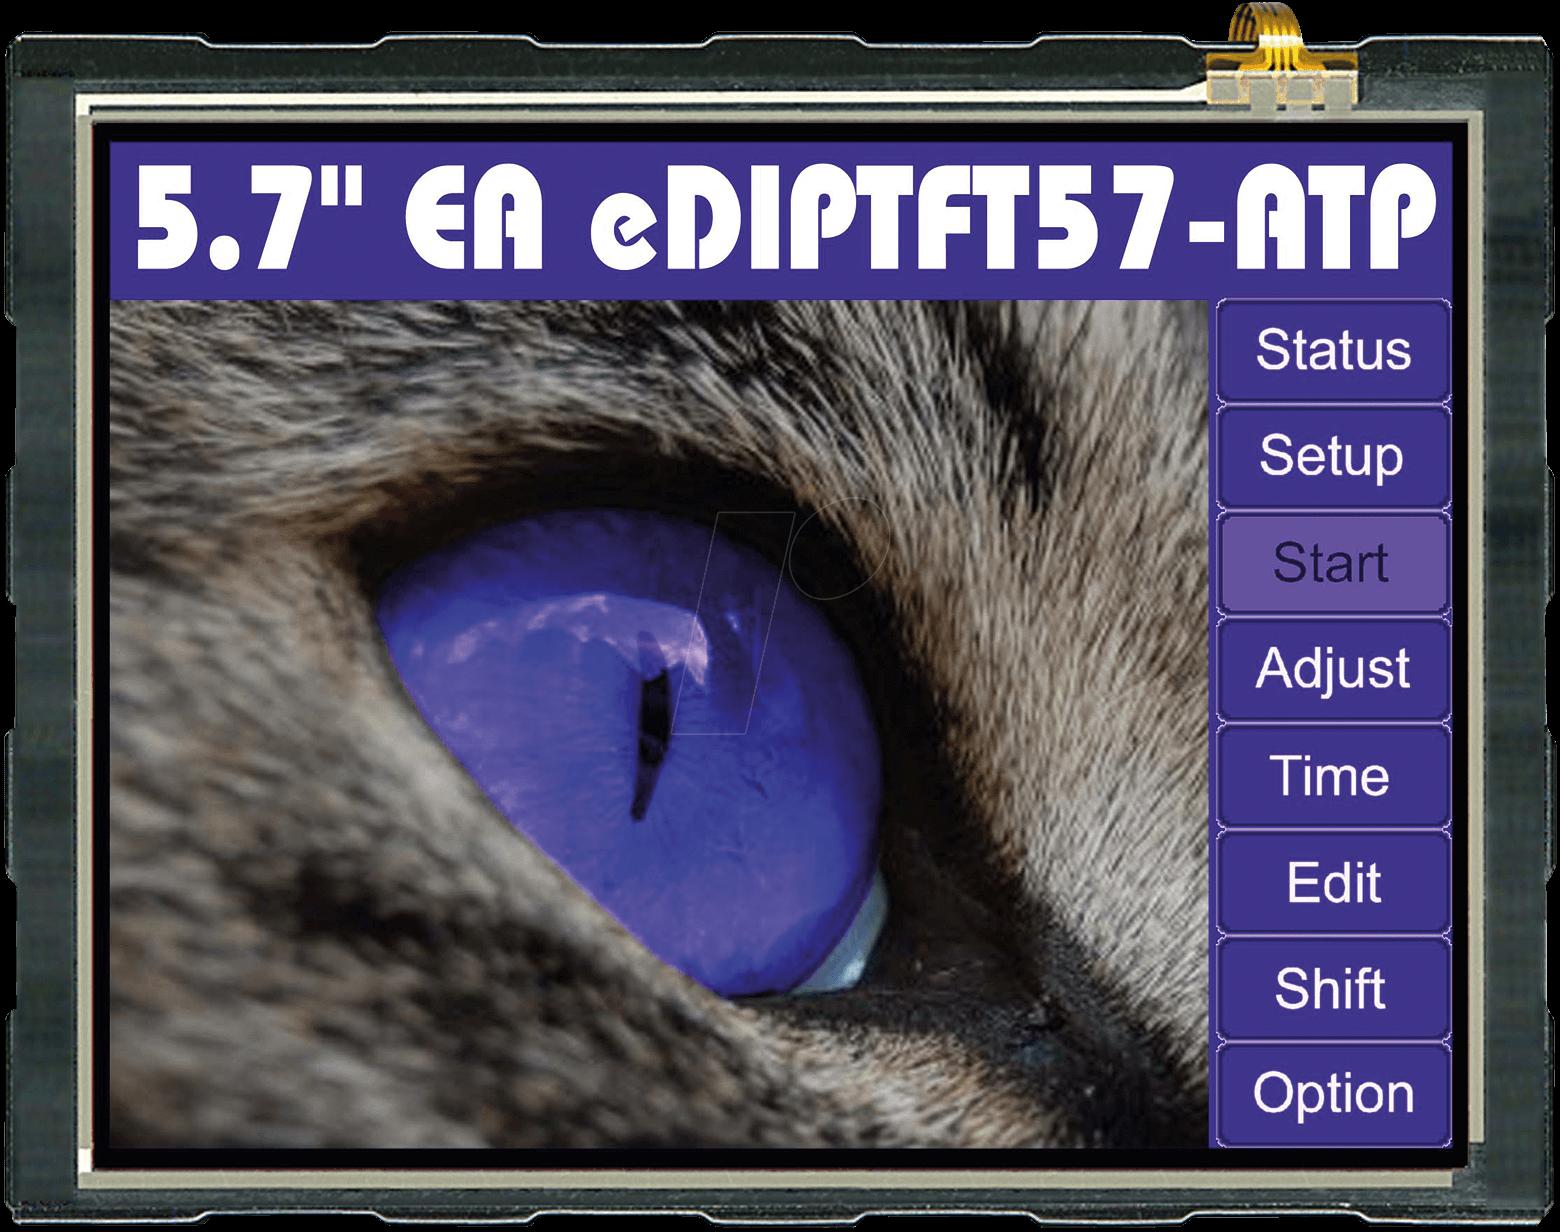 https://cdn-reichelt.de/bilder/web/xxl_ws/A500/EAEDIPTFT57-ATP_2D.png